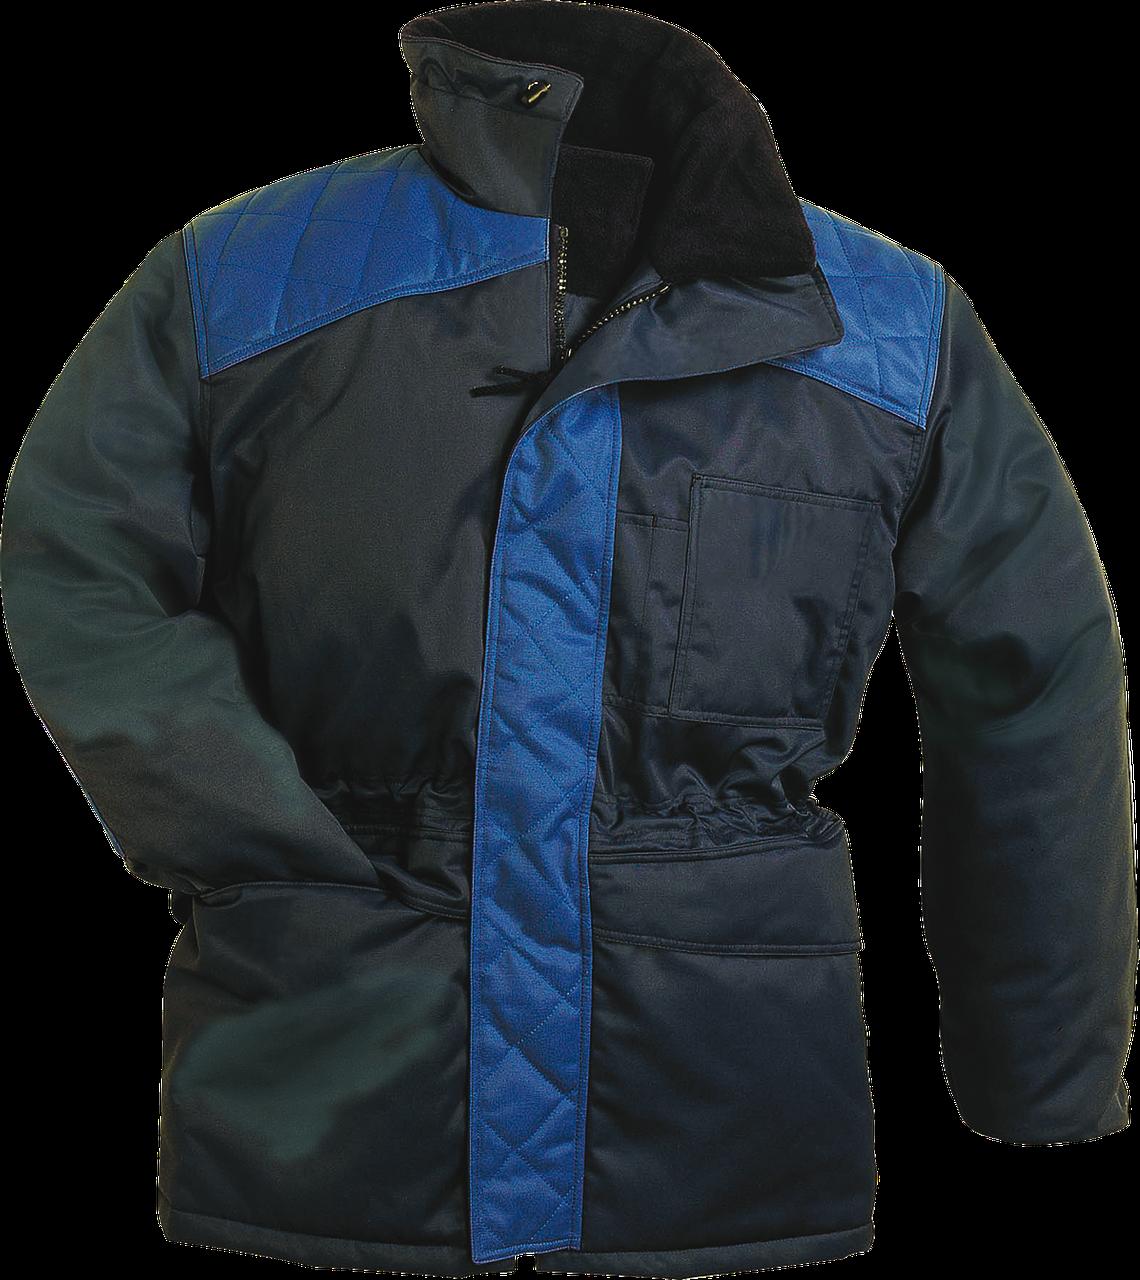 Зимняя куртка SI-VERMONT утепленная Польша (утепленная рабочая одежда)